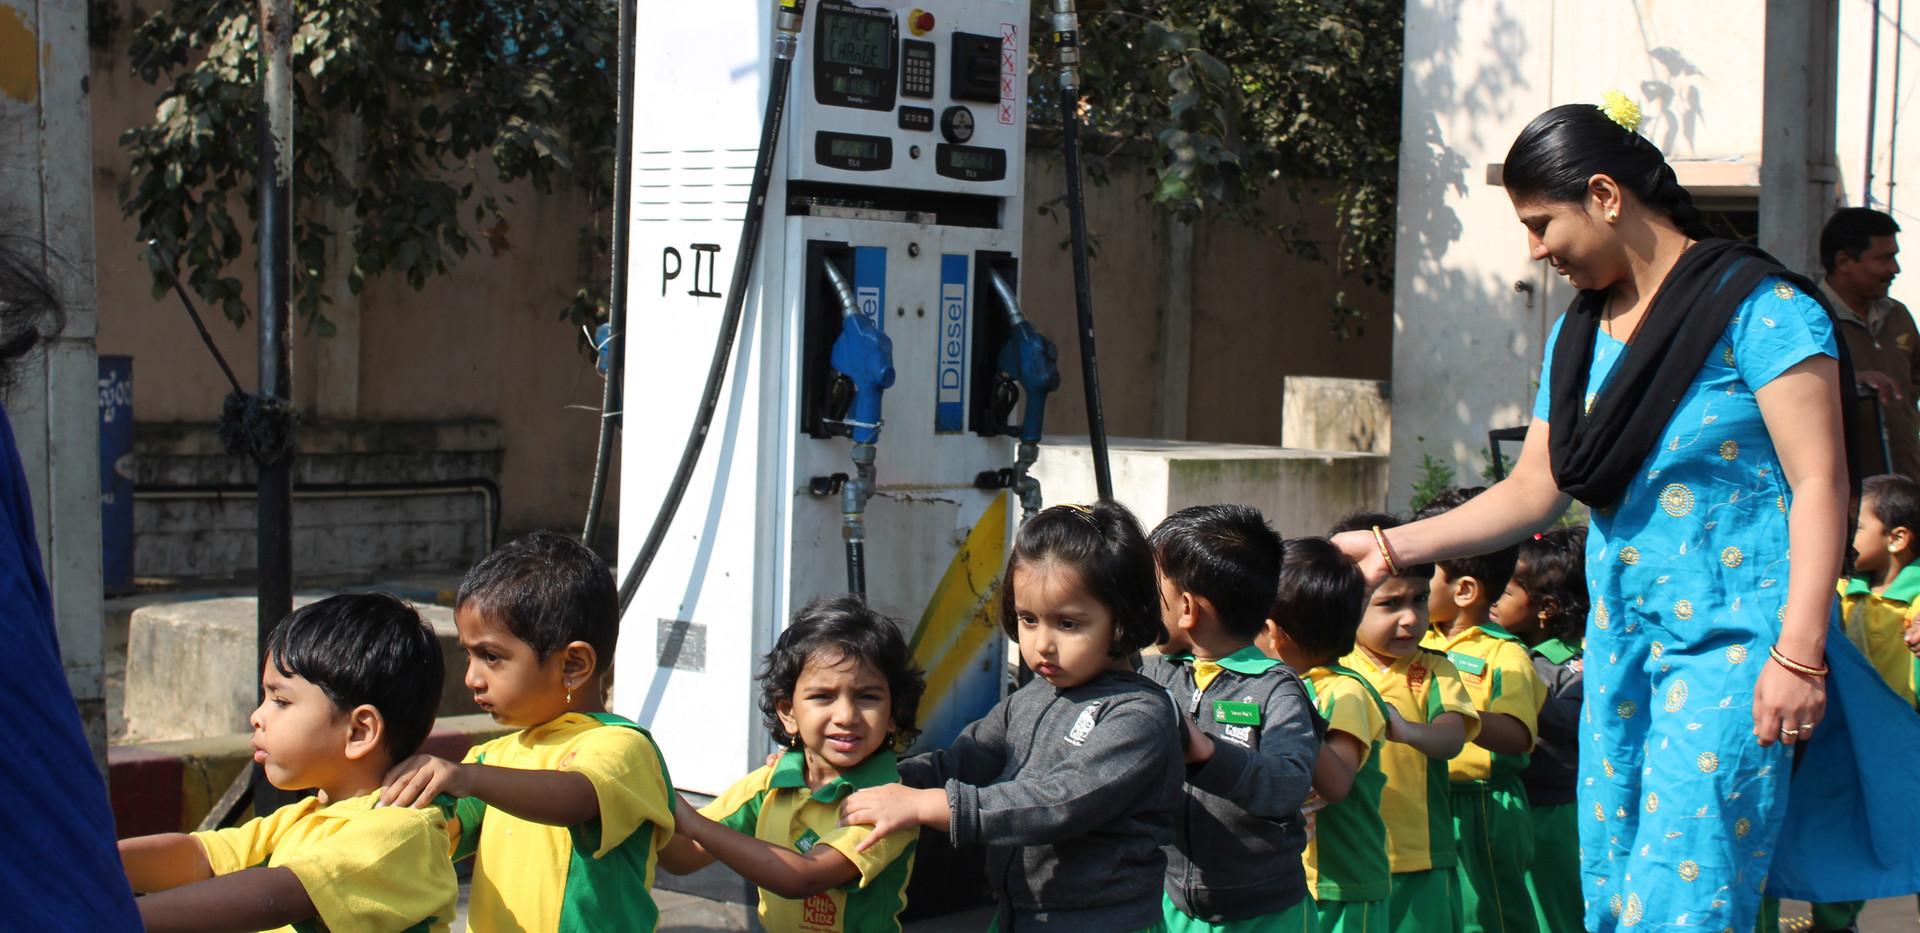 Fuel Station visit